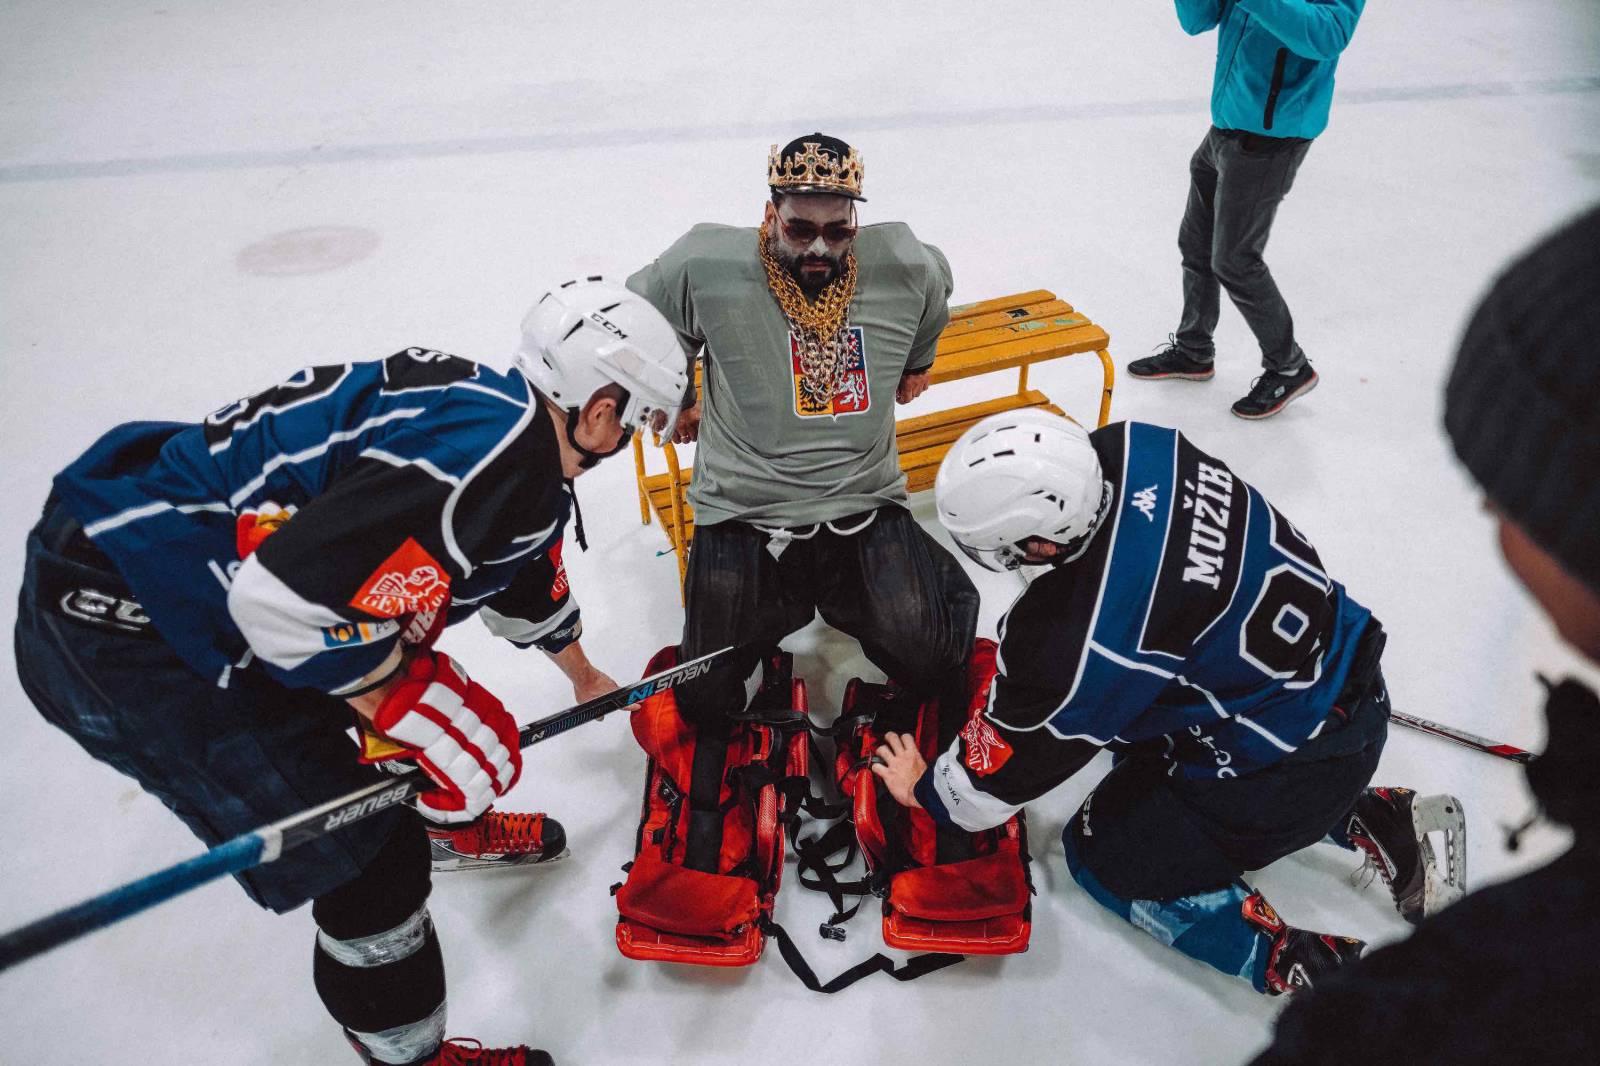 VIDEO: Kapitán Demo se v novém hokejovém klipu ptá - Kdo to má?